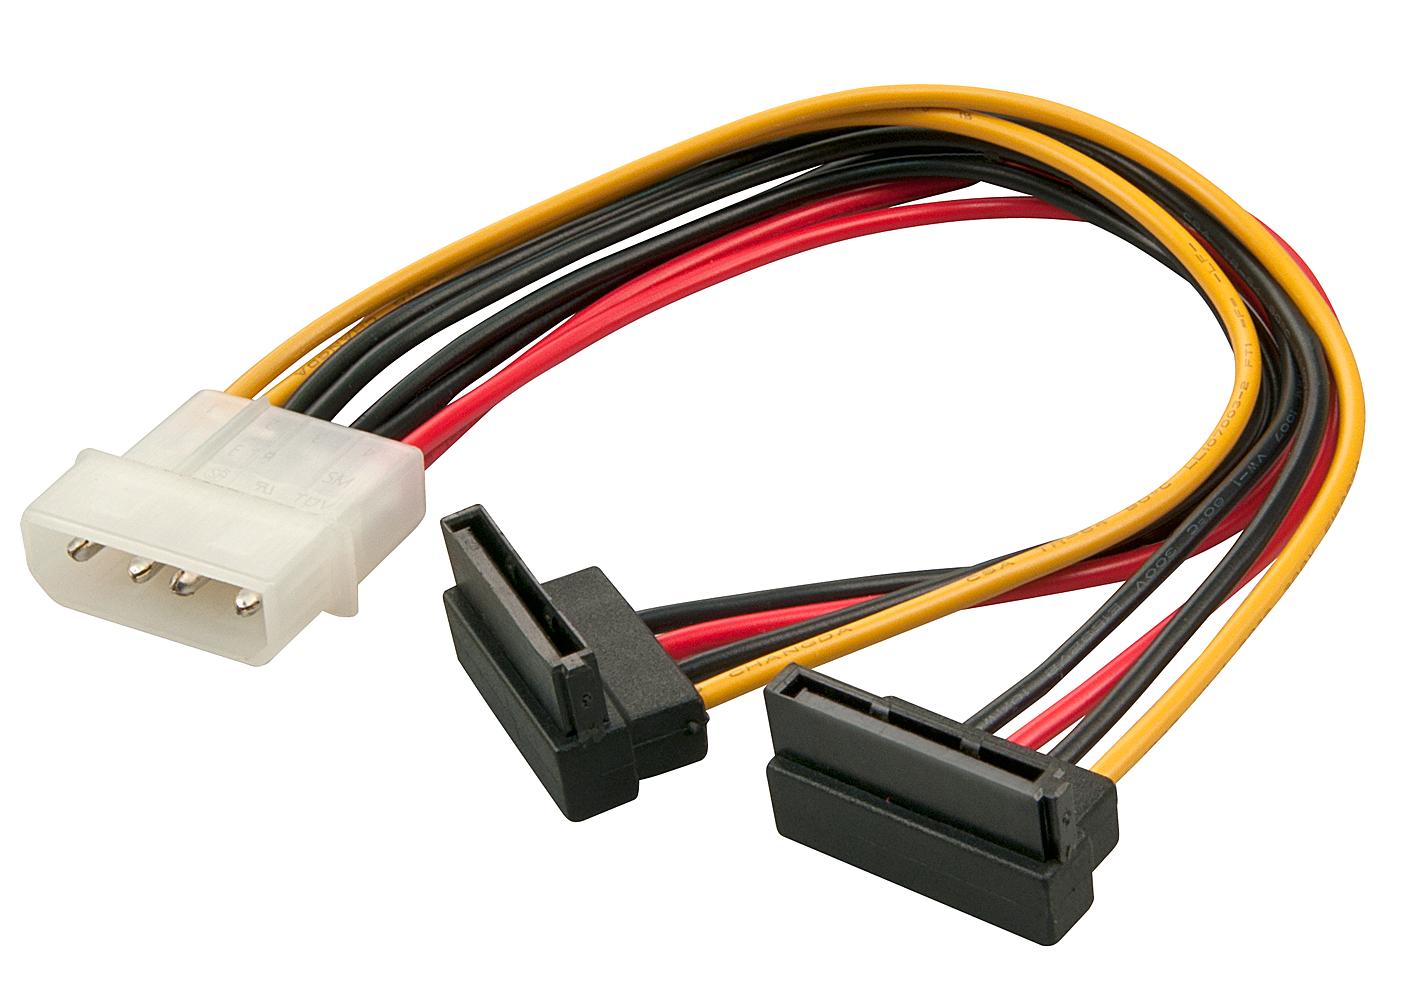 Internes SATA Stromadapterkabel von 5,25 Stecker an 2x 15 pol. SATA Kupplung 90� gewinkelt, 0,15m